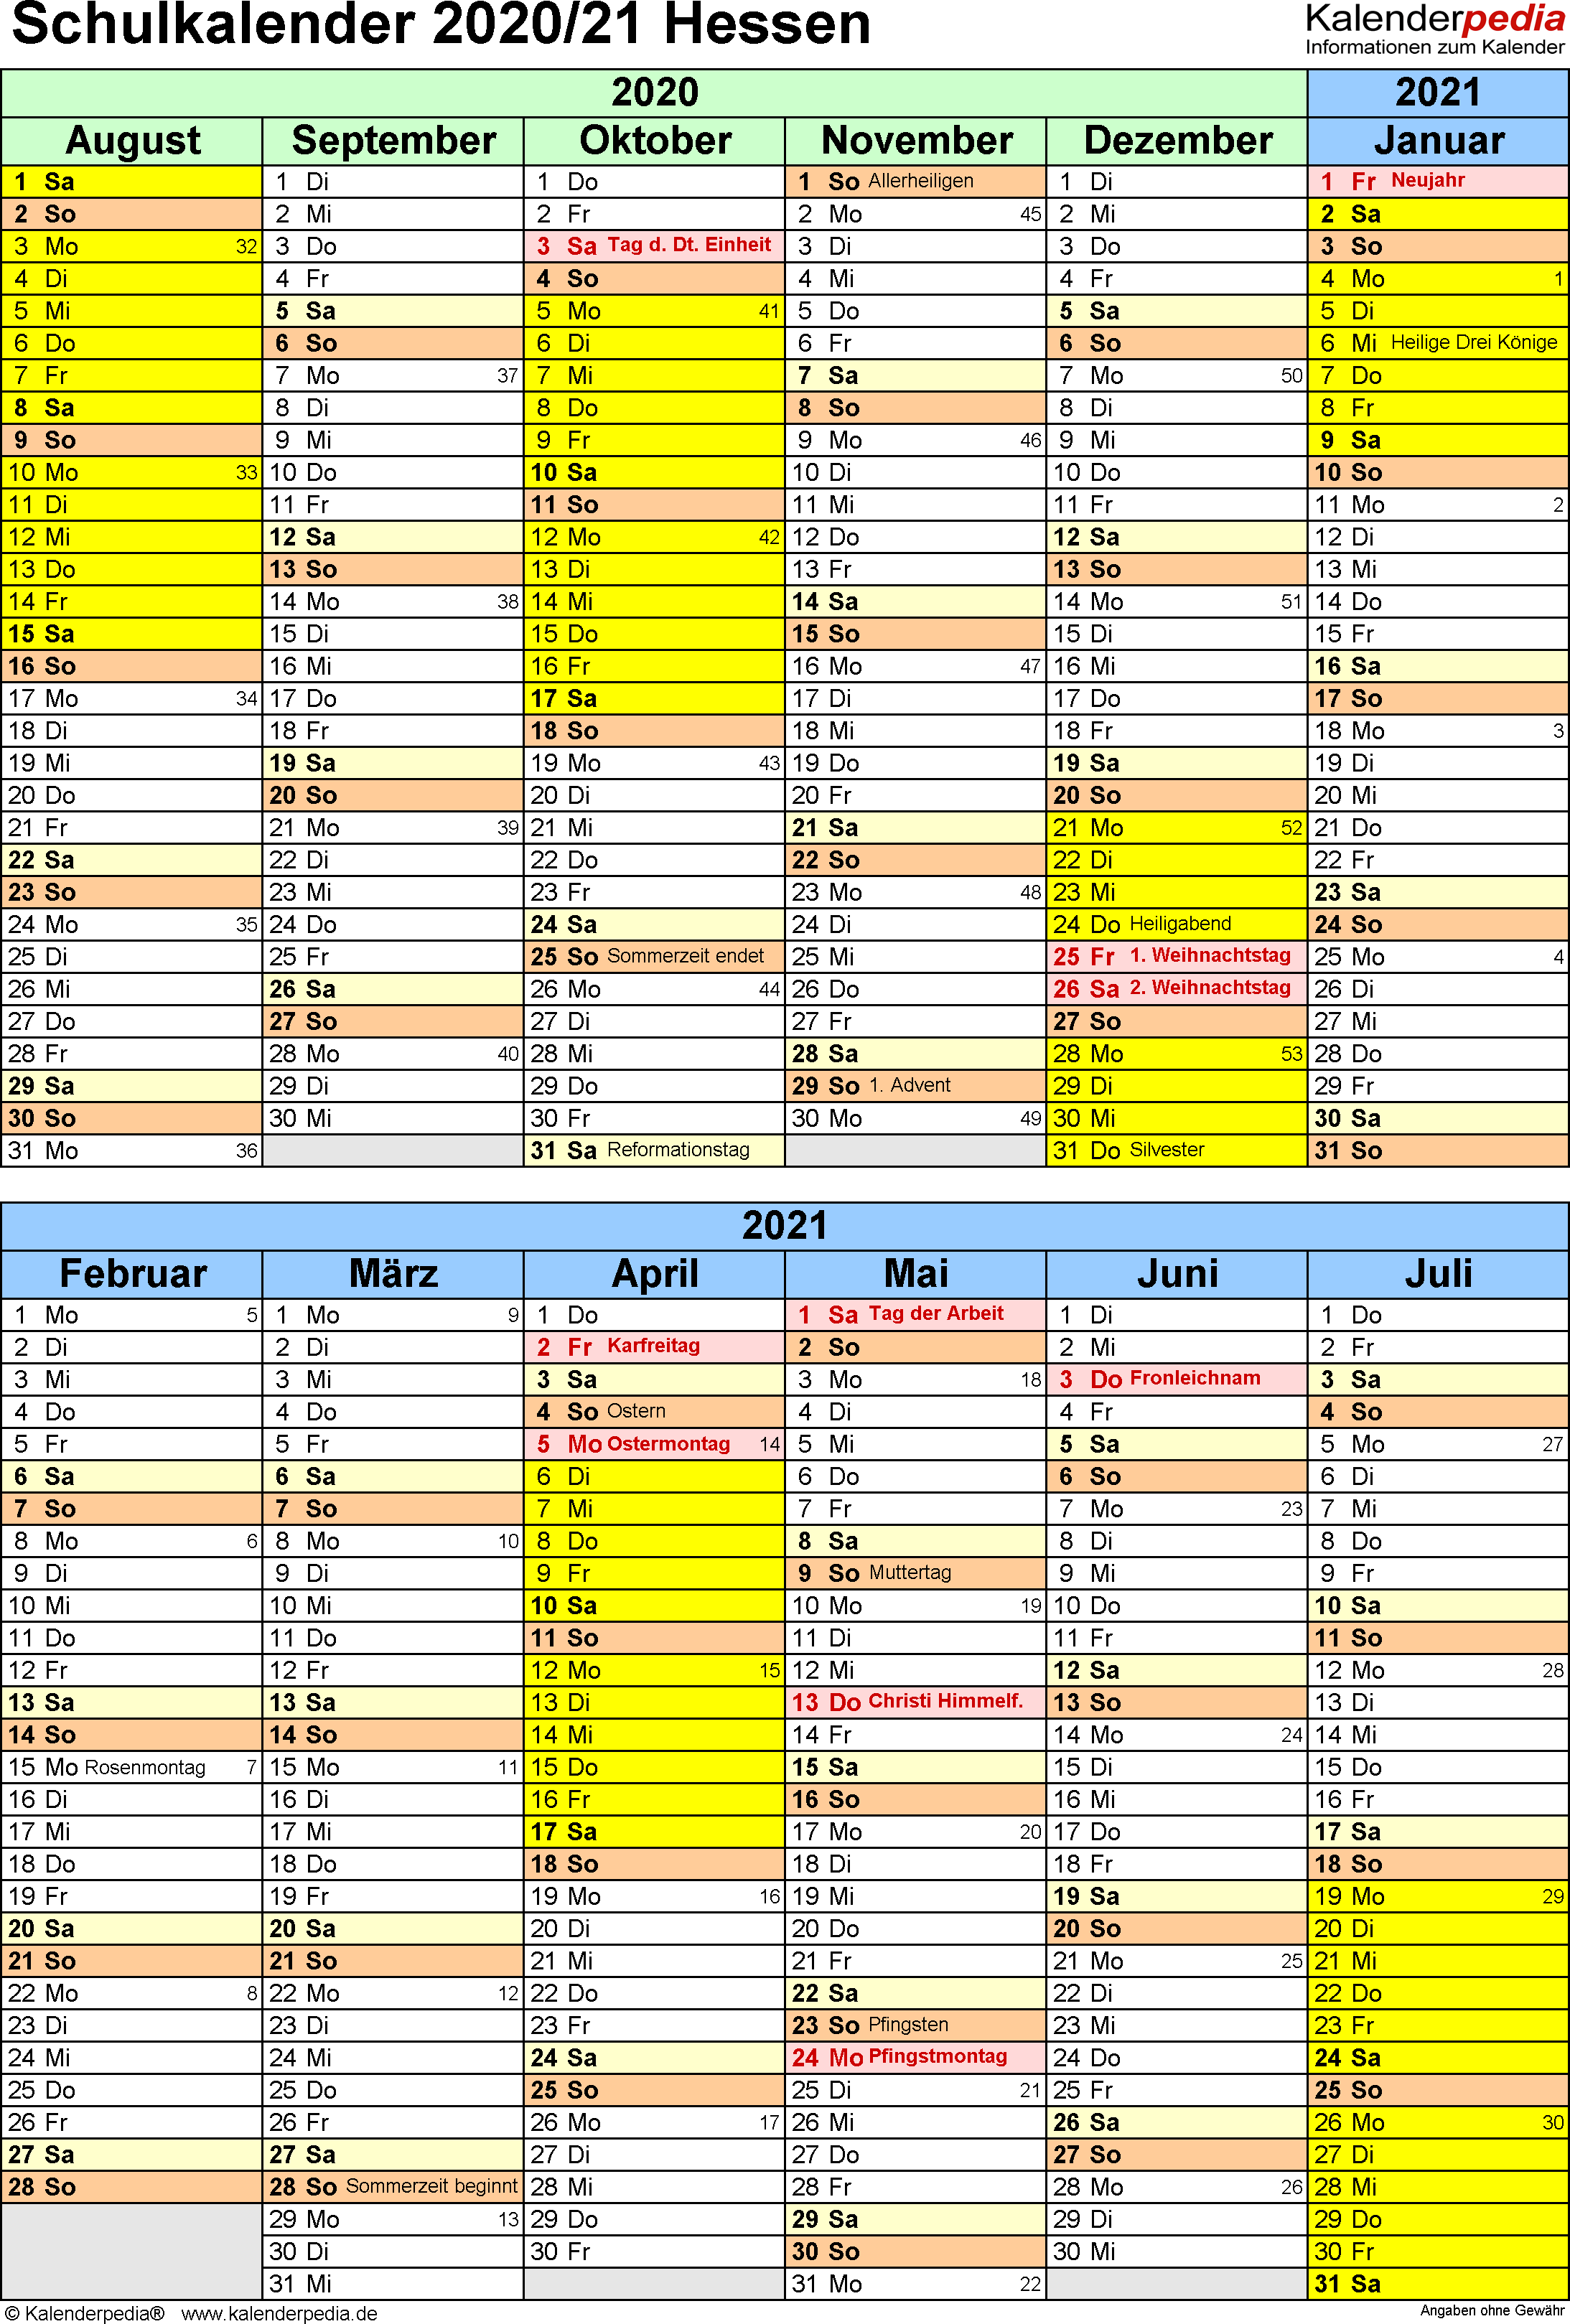 Schulkalender Hessen 2021